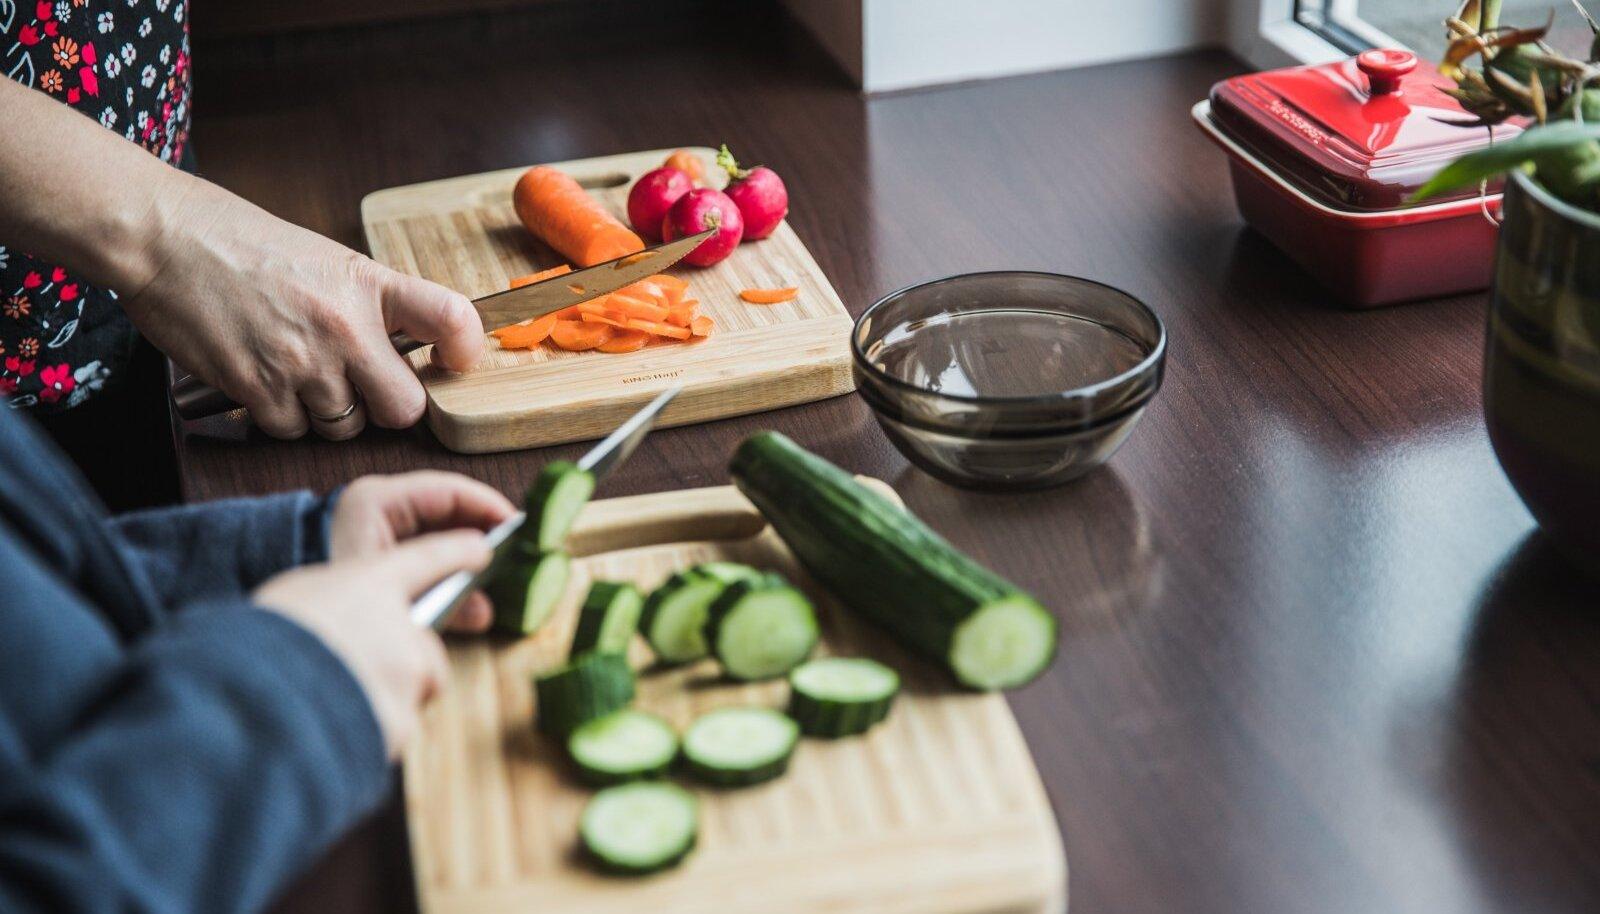 """""""Talust taldrikule"""" eesmärk muuta keskkonna- ja tarbijasõbralikuks kogu toidutootmise ahel, alates põllust ja lõpetades majataguse prügikastiga."""